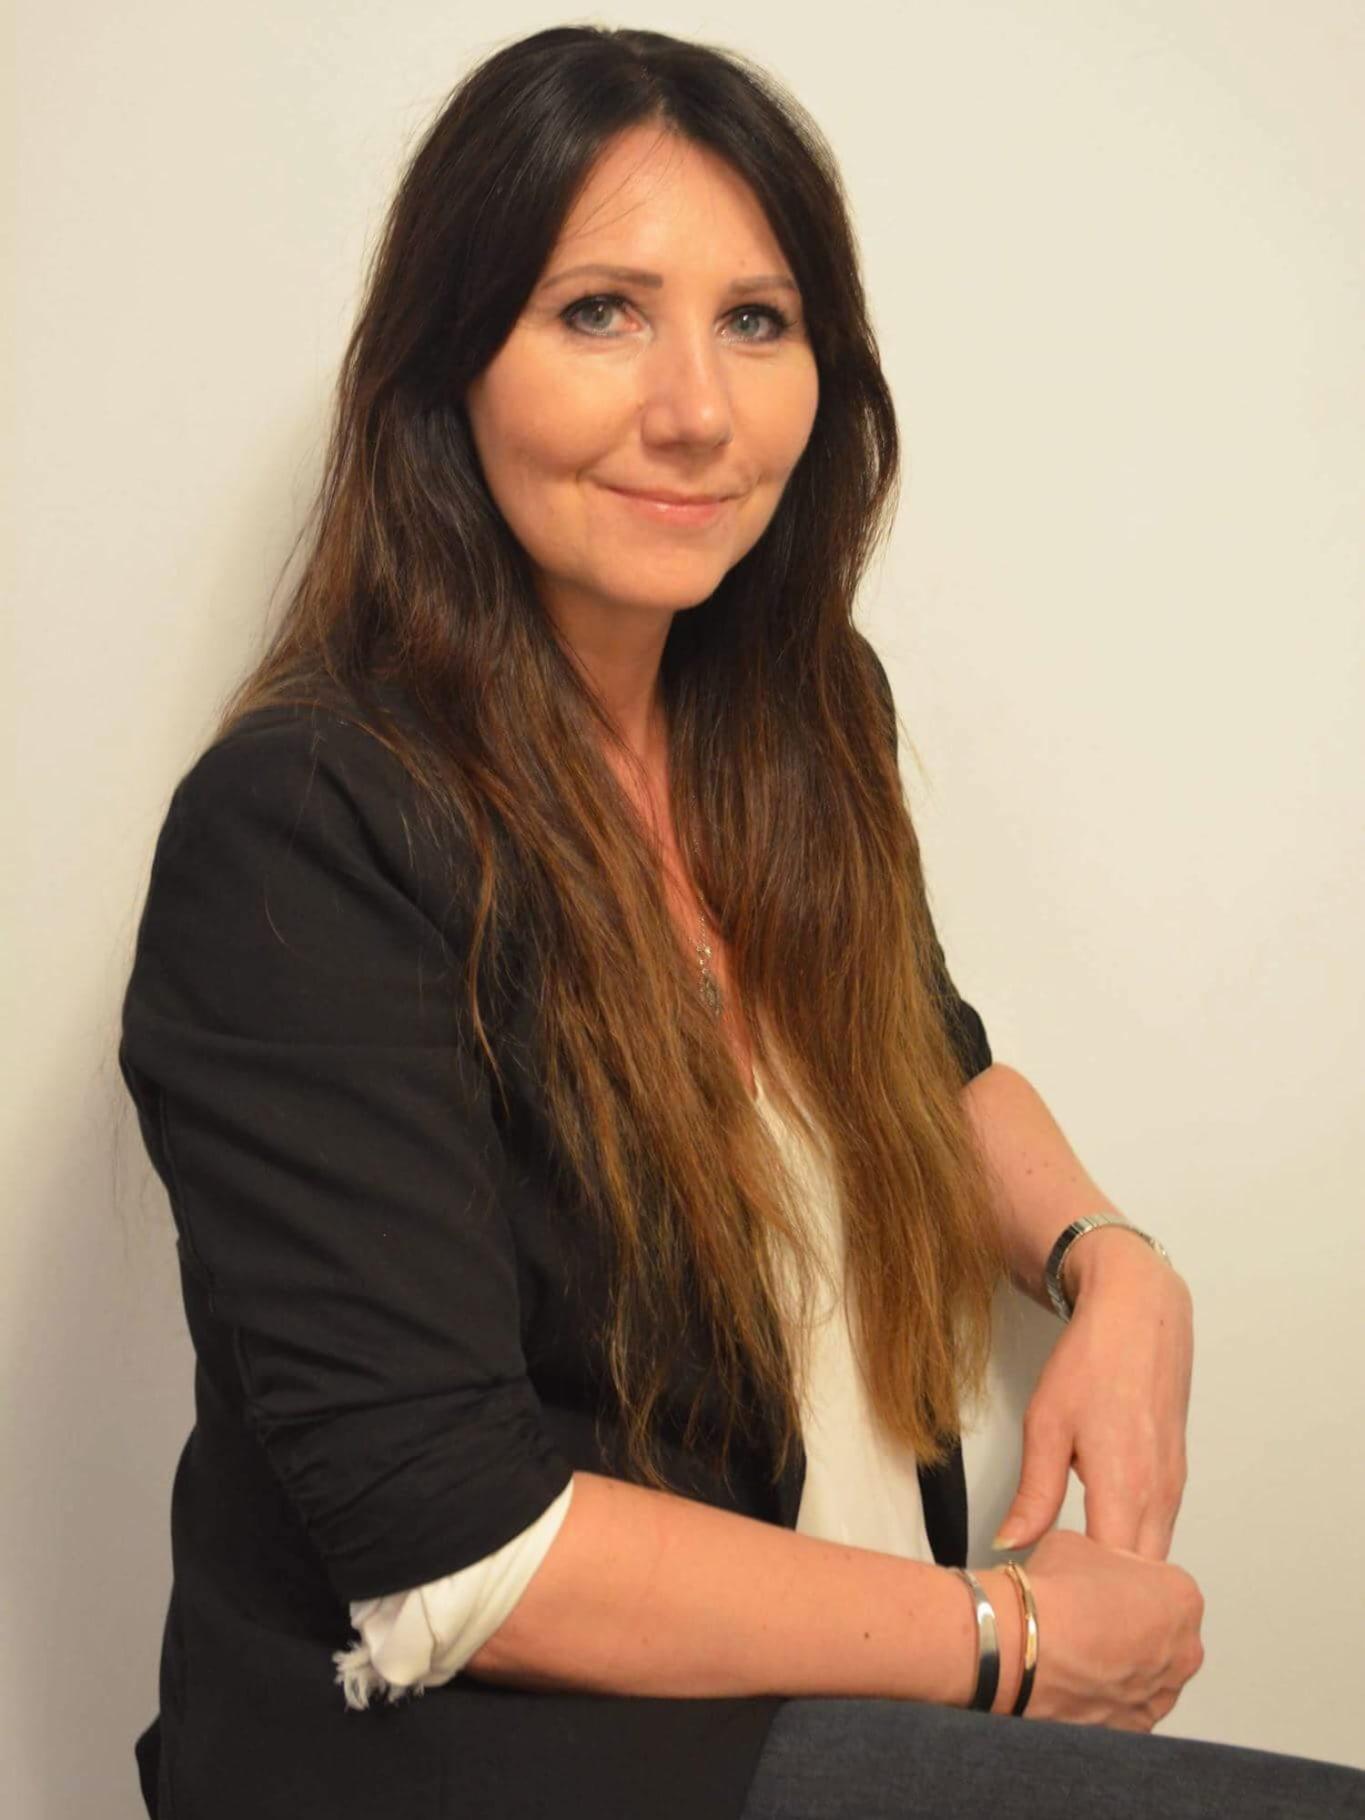 LANG LEDERERFARING: June Kristin Lima Bru har over 25 års ledererfaring på topp- og mellomnivå fra ulike bransjer, som salg og service, olje, finans, eiendom og byggebransjen. I dag er hun banksjef for privatmarkedet i Jæren Sparebank.